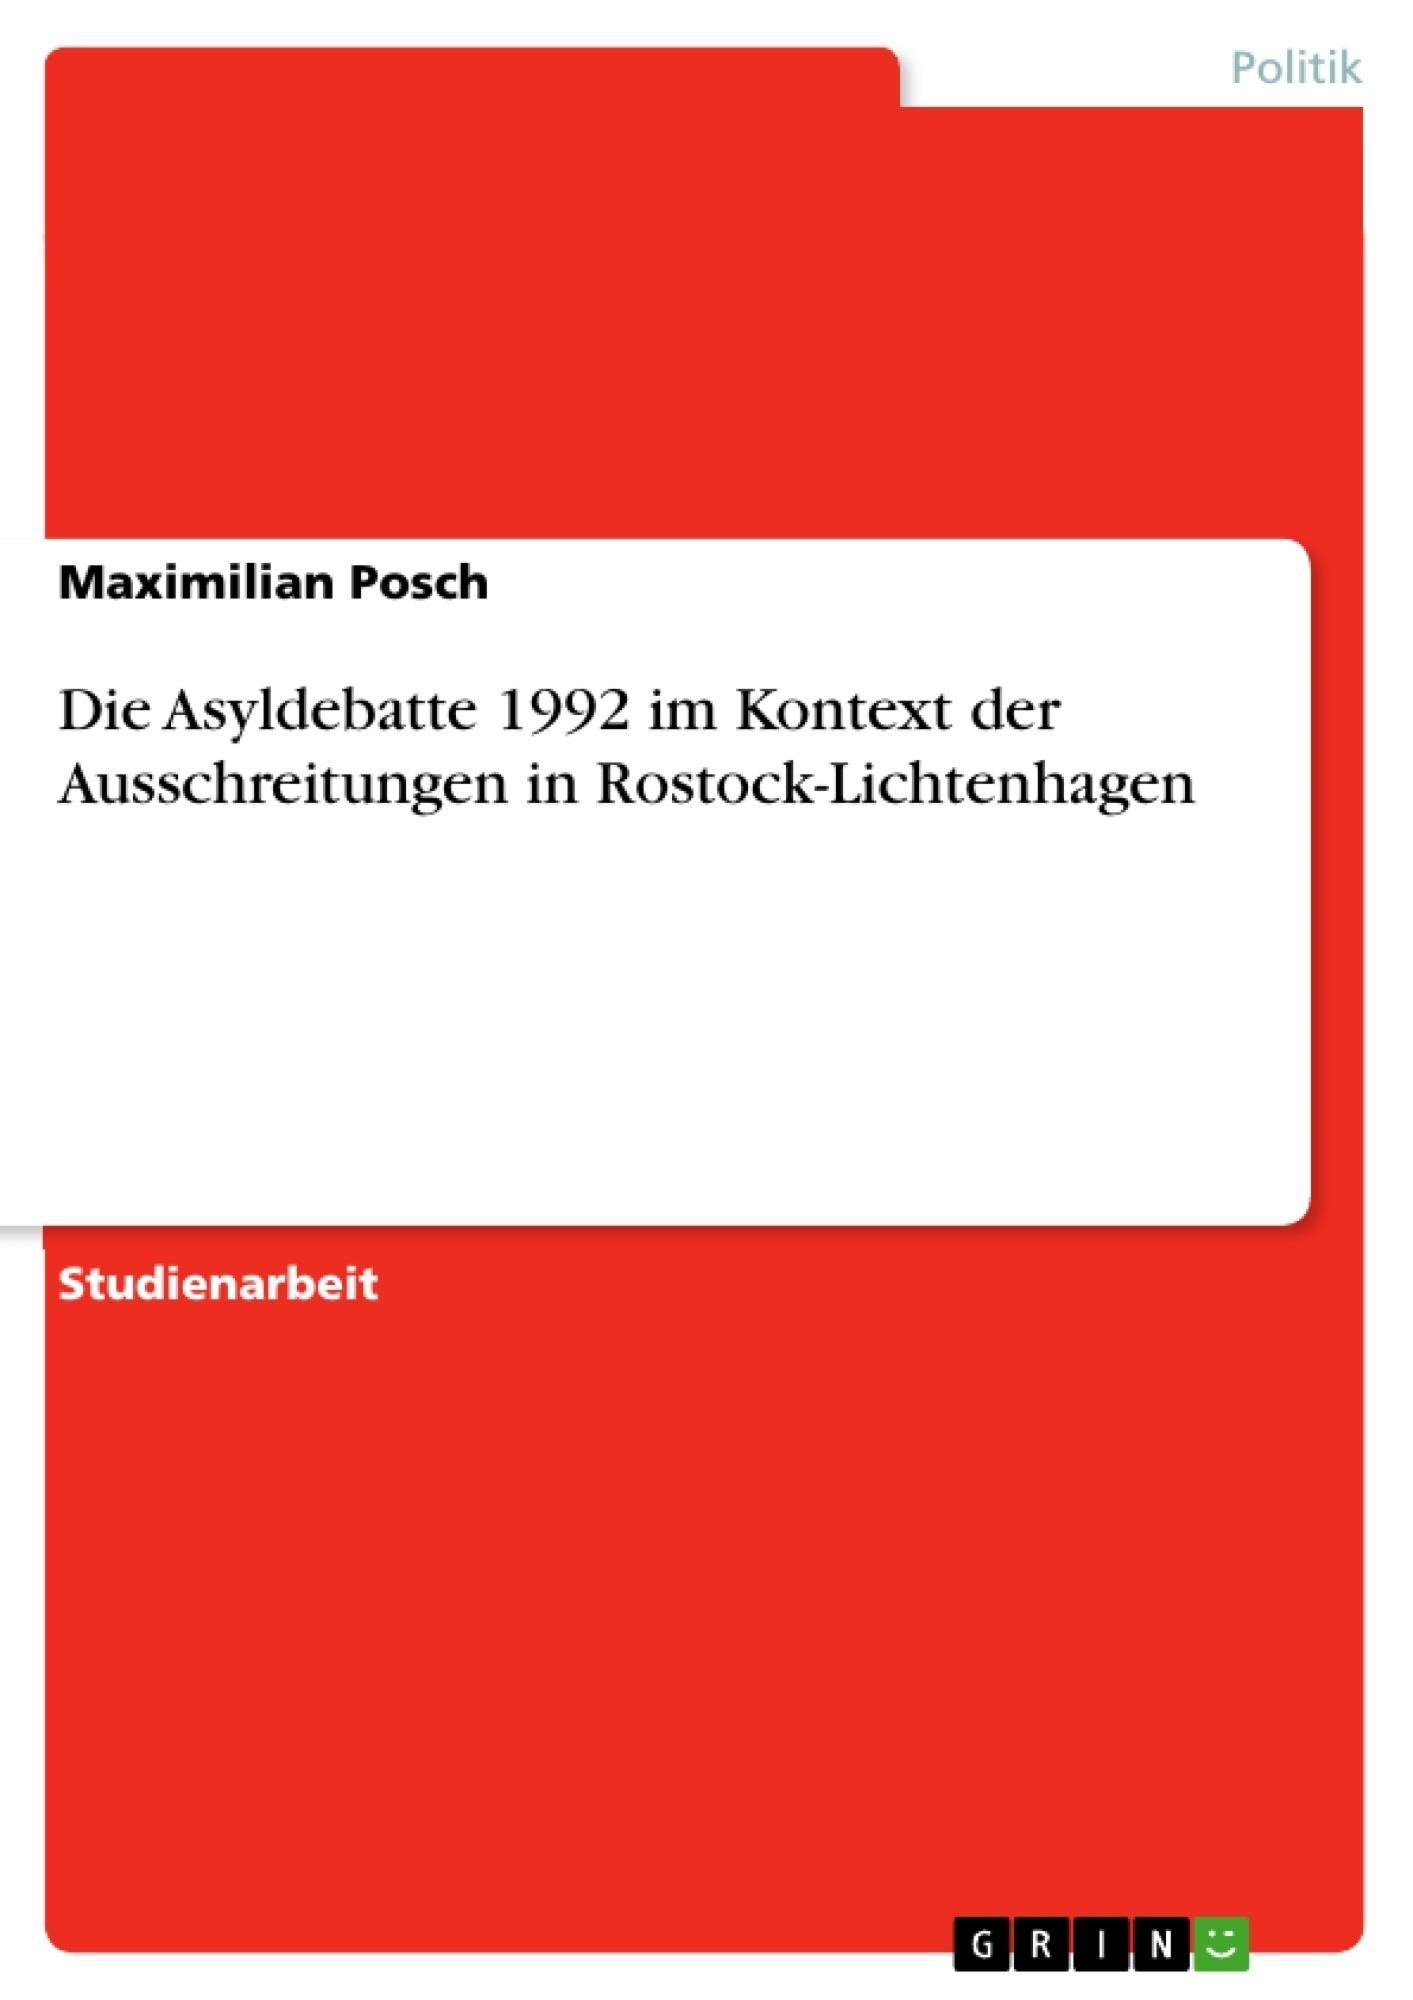 Titel: Die Asyldebatte 1992 im Kontext der Ausschreitungen in Rostock-Lichtenhagen